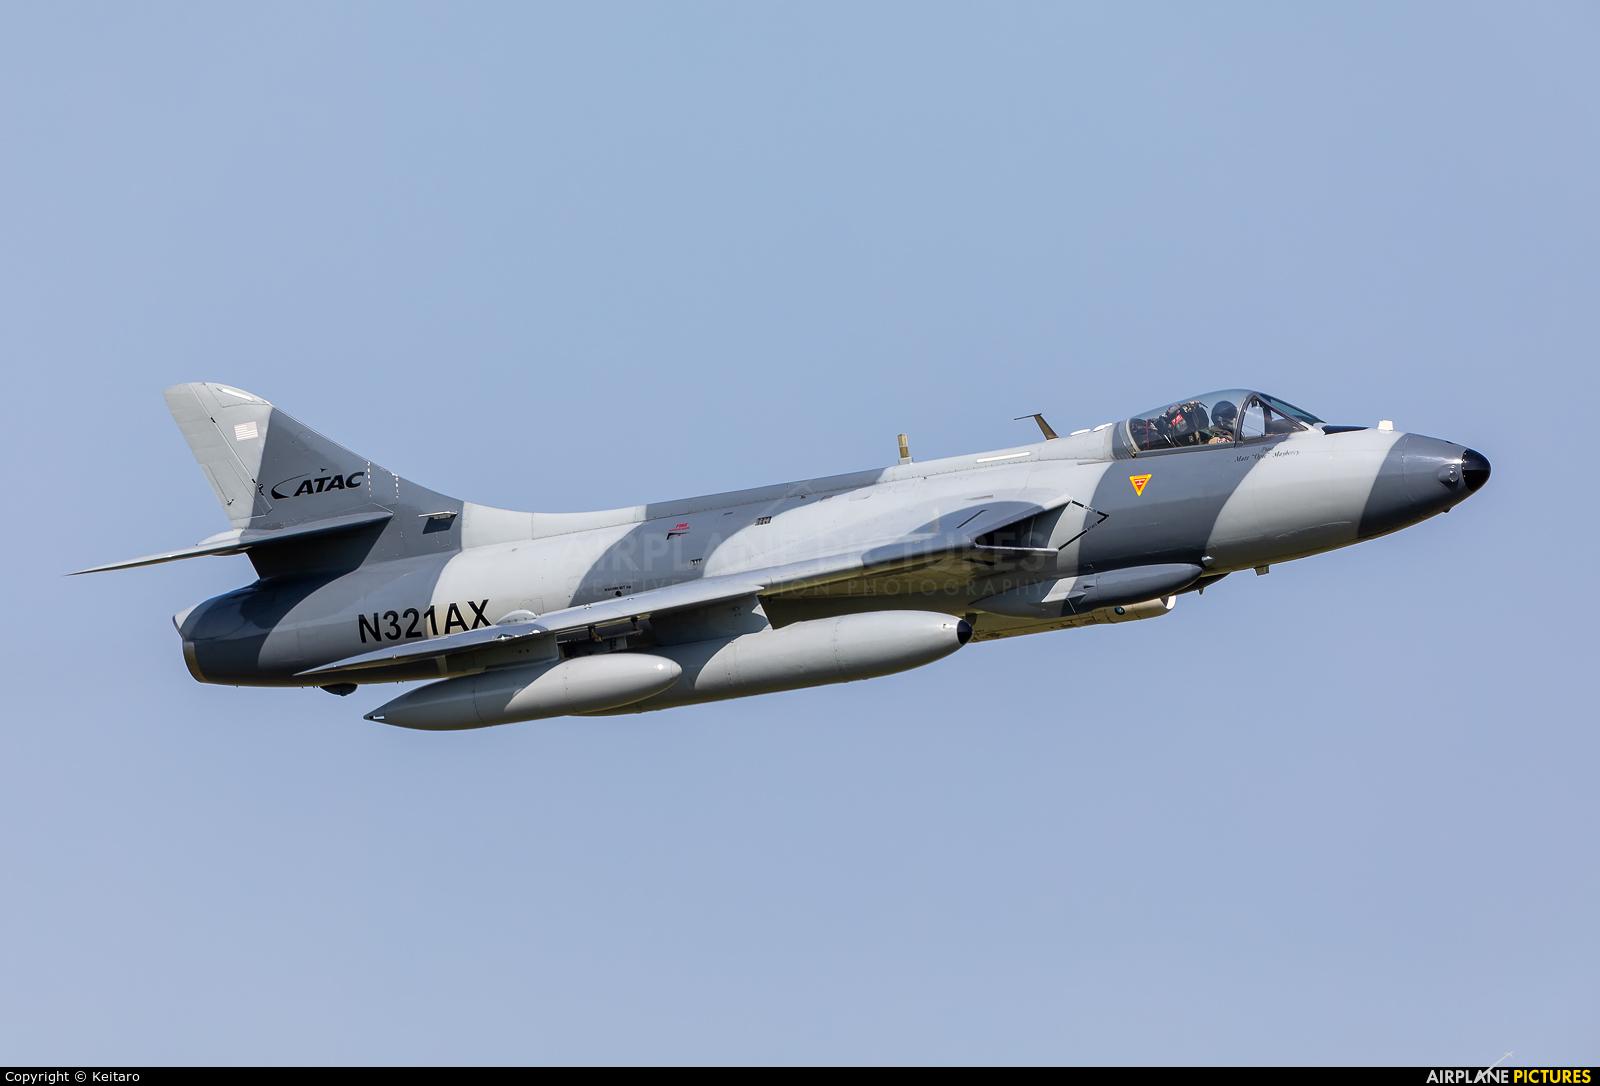 Airborne Tactical Advantage Company (ATAC) N321AX aircraft at Atsugi AB